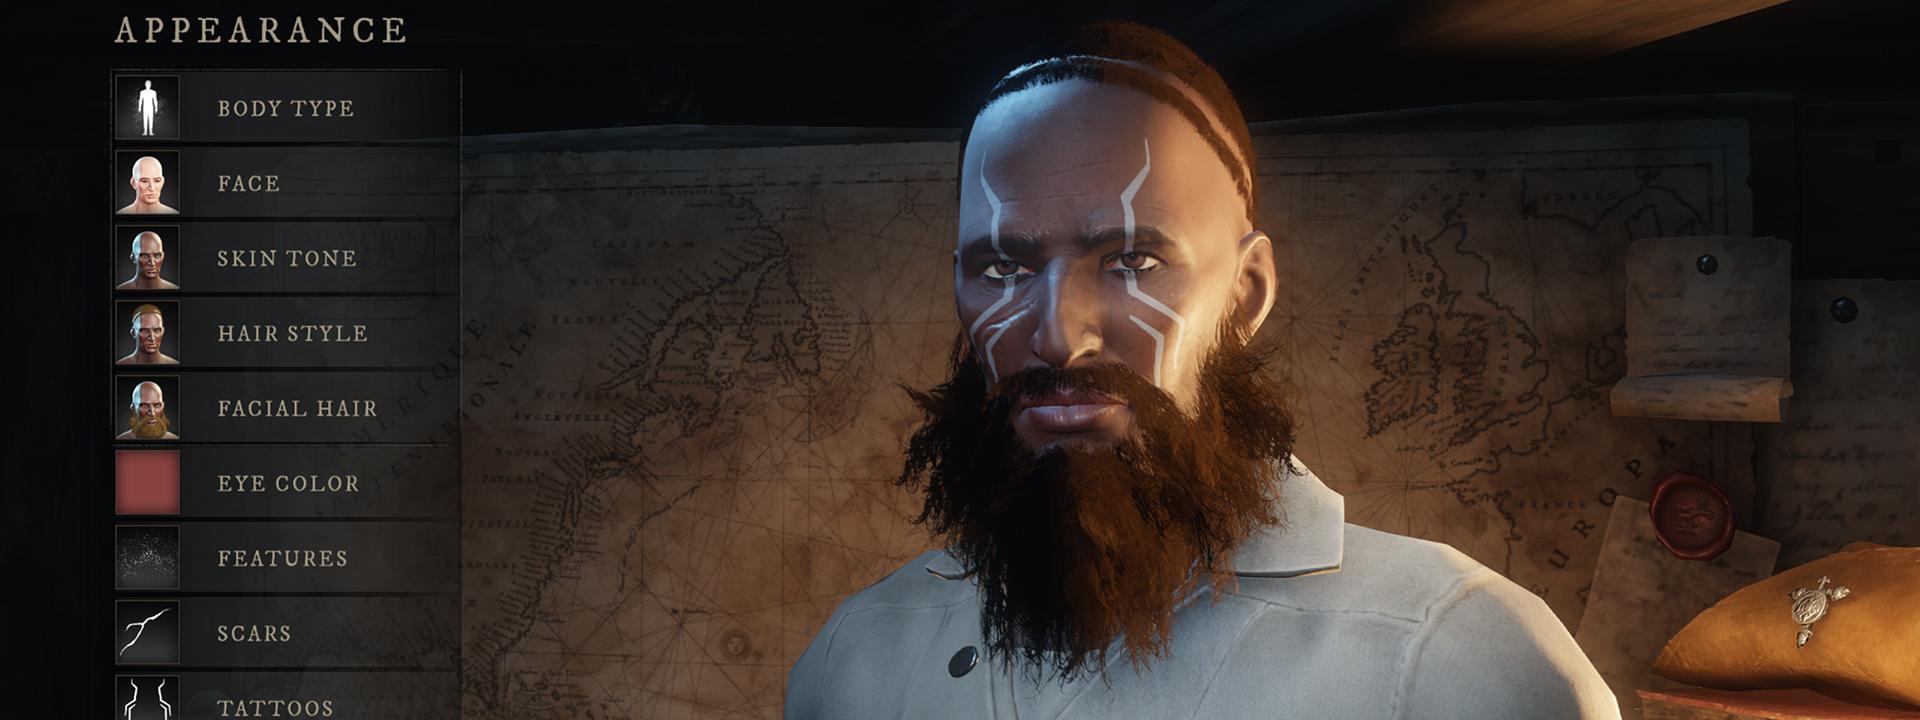 Снимок экрана интерфейса настройки персонажа, на котором изображен человек с темной кожей, дикой бородой и колючими синими татуировками.